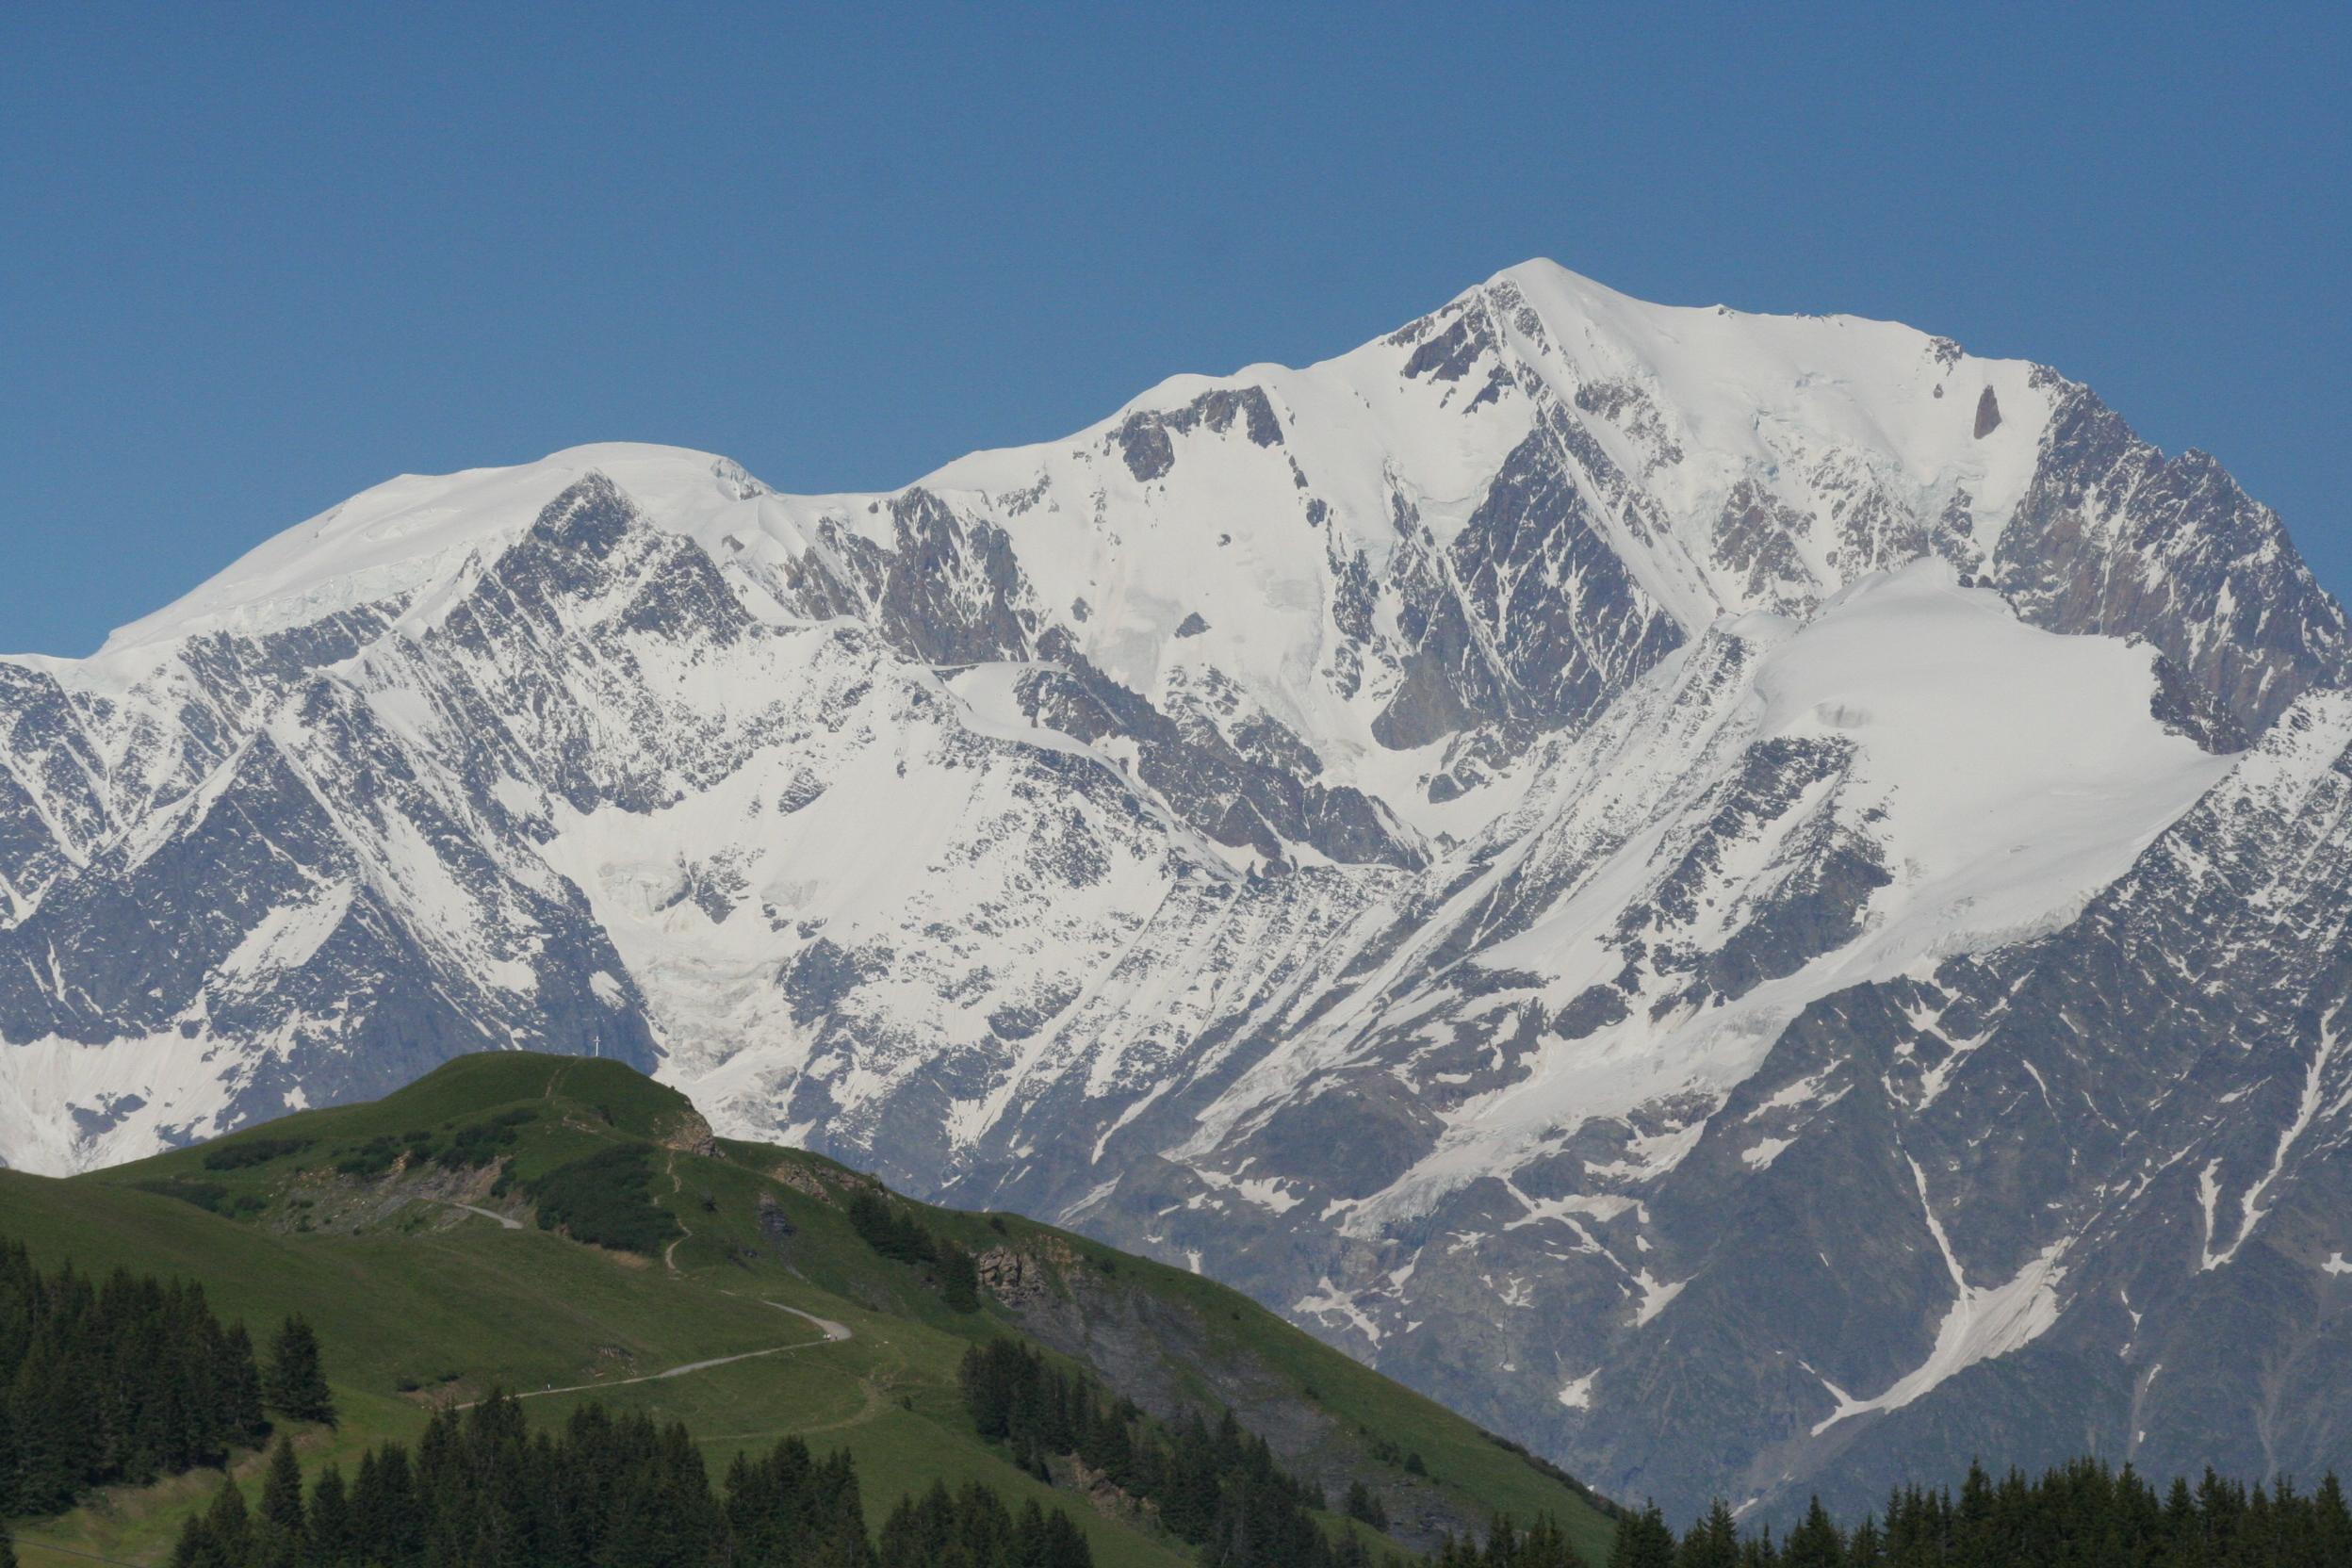 Du mont blanc 28 images massif du mont blanc enjoy for Carrelage mont blanc sallanches